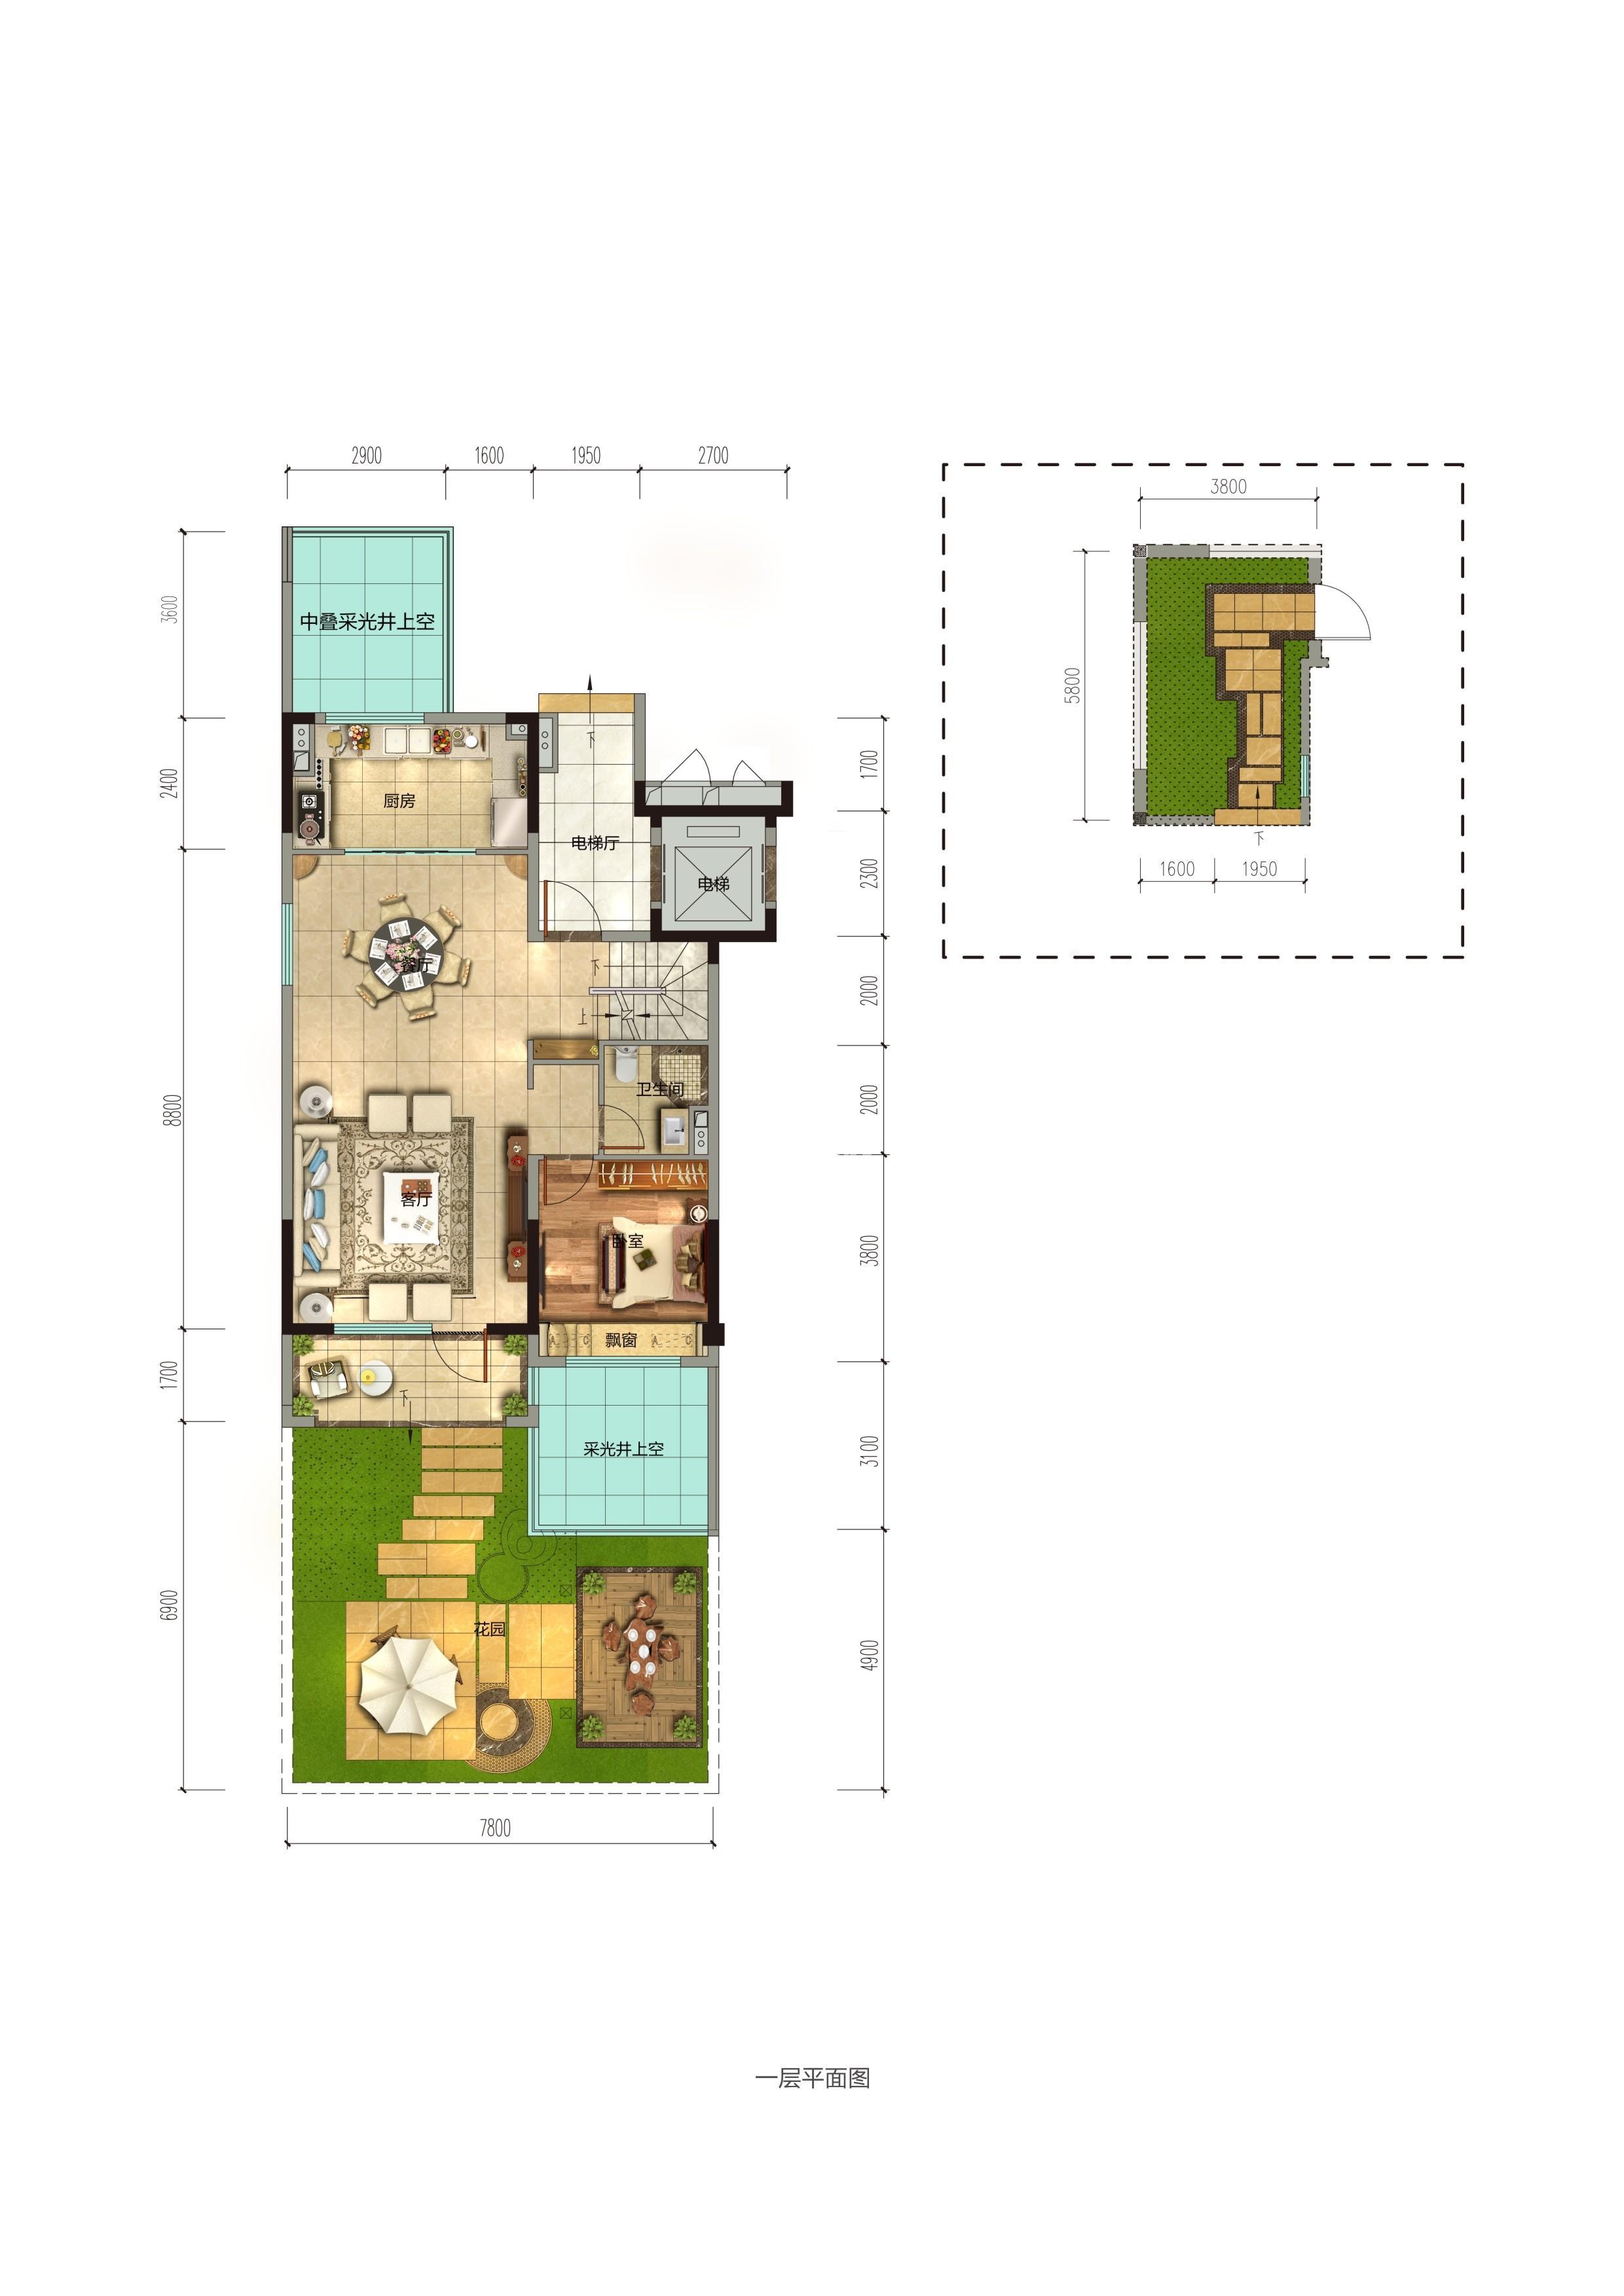 碧桂园香湖湾1号项目157-185㎡下叠(一楼)户型图